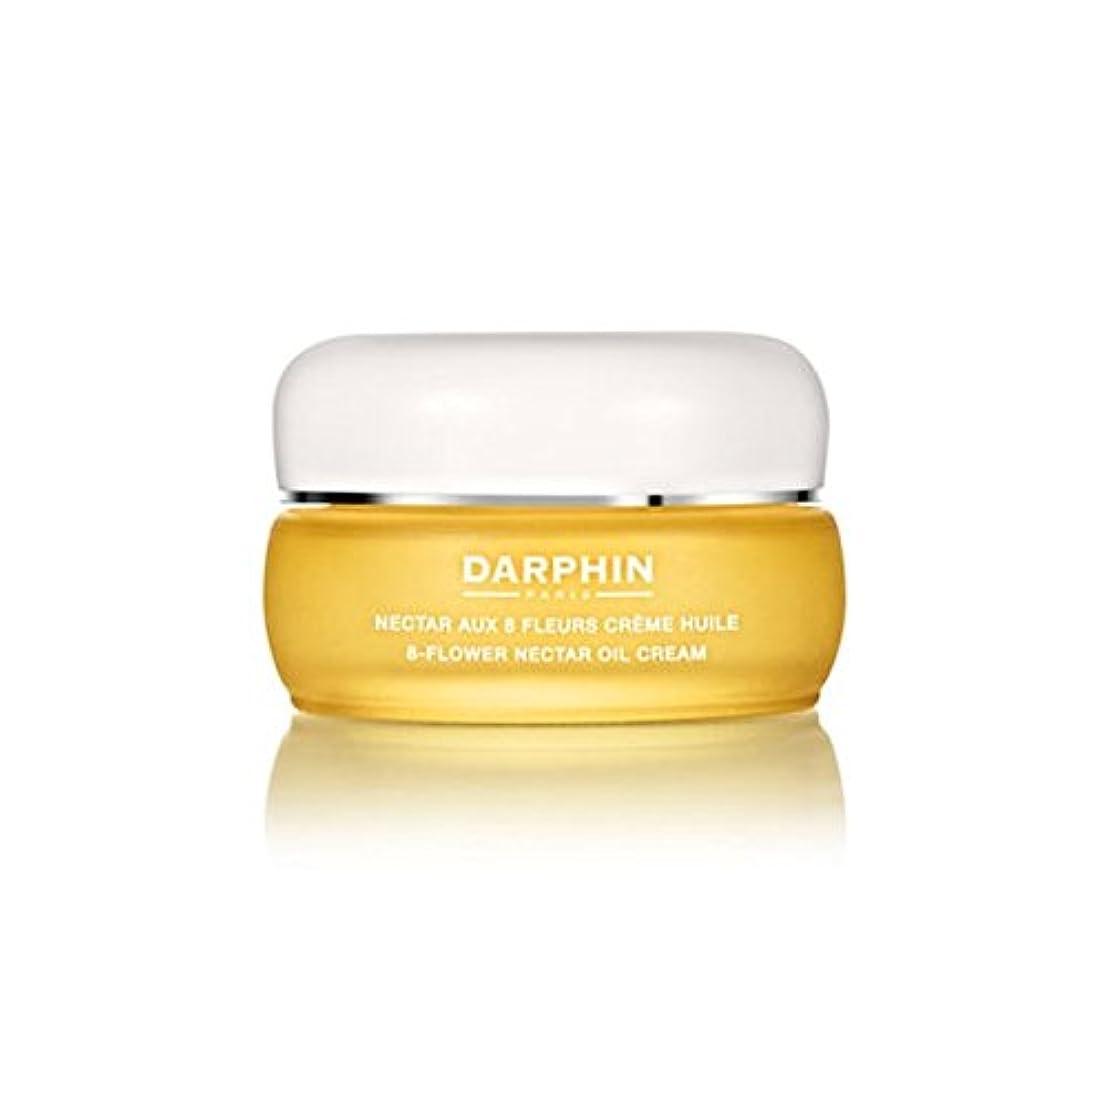 着飾る生まれ骨ダルファン8フラワー油クリーム(30ミリリットル) x2 - Darphin 8-Flower Oil Cream (30ml) (Pack of 2) [並行輸入品]